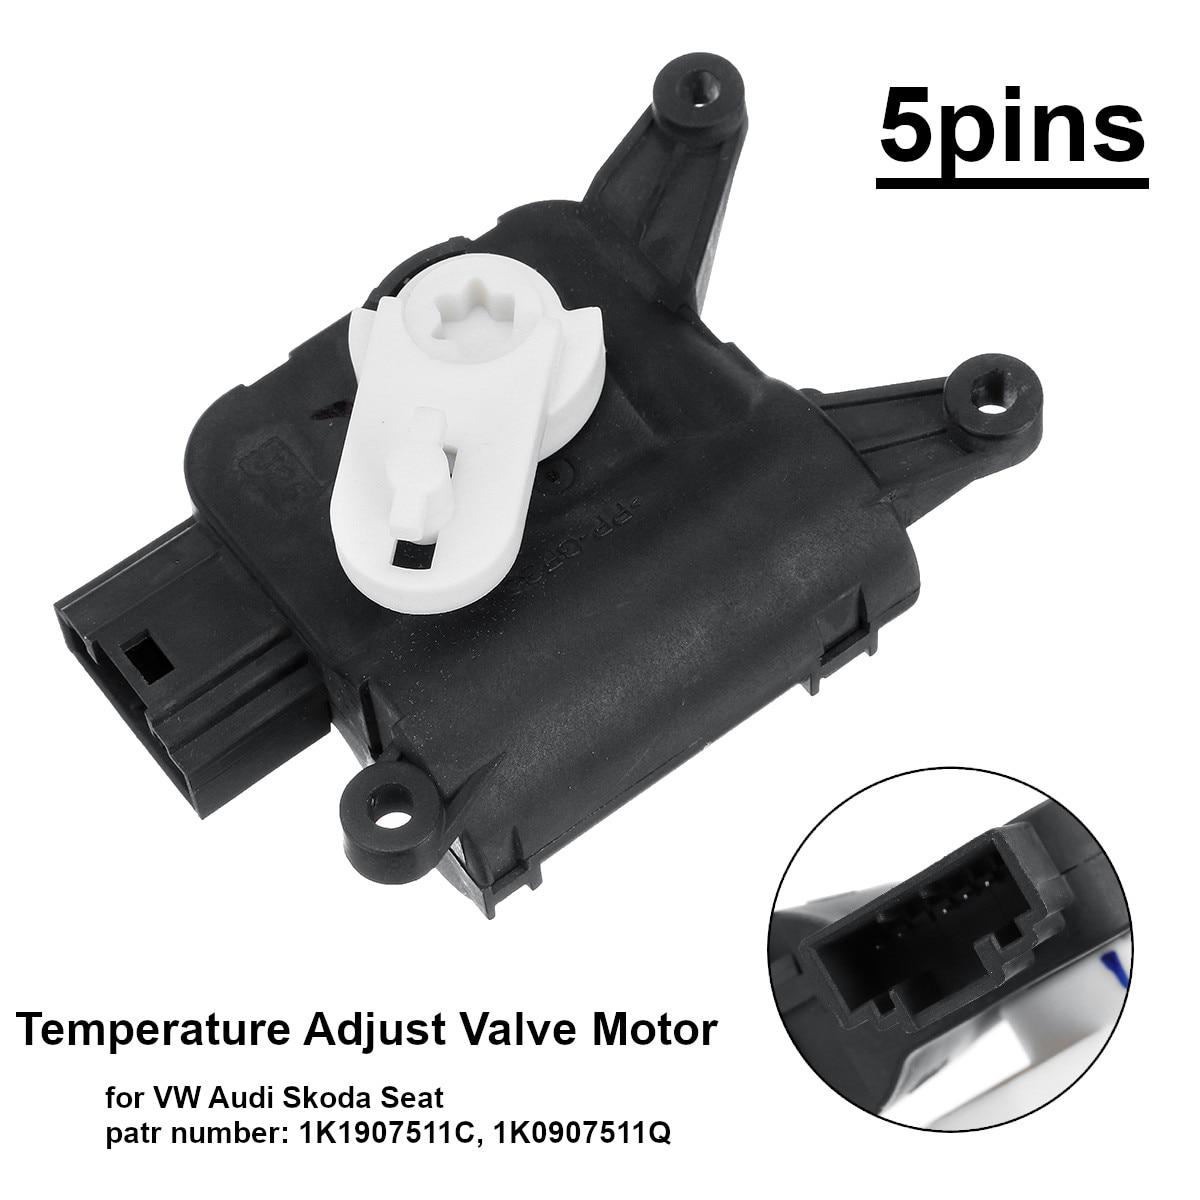 1K1907511C 1KD907511C serwosilnik zaworu regulacji temperatury 5 Pin dla VW EOS Golf GTI Jetta MK5 MK6 Touran dla Audi A3 Q3 TT AC